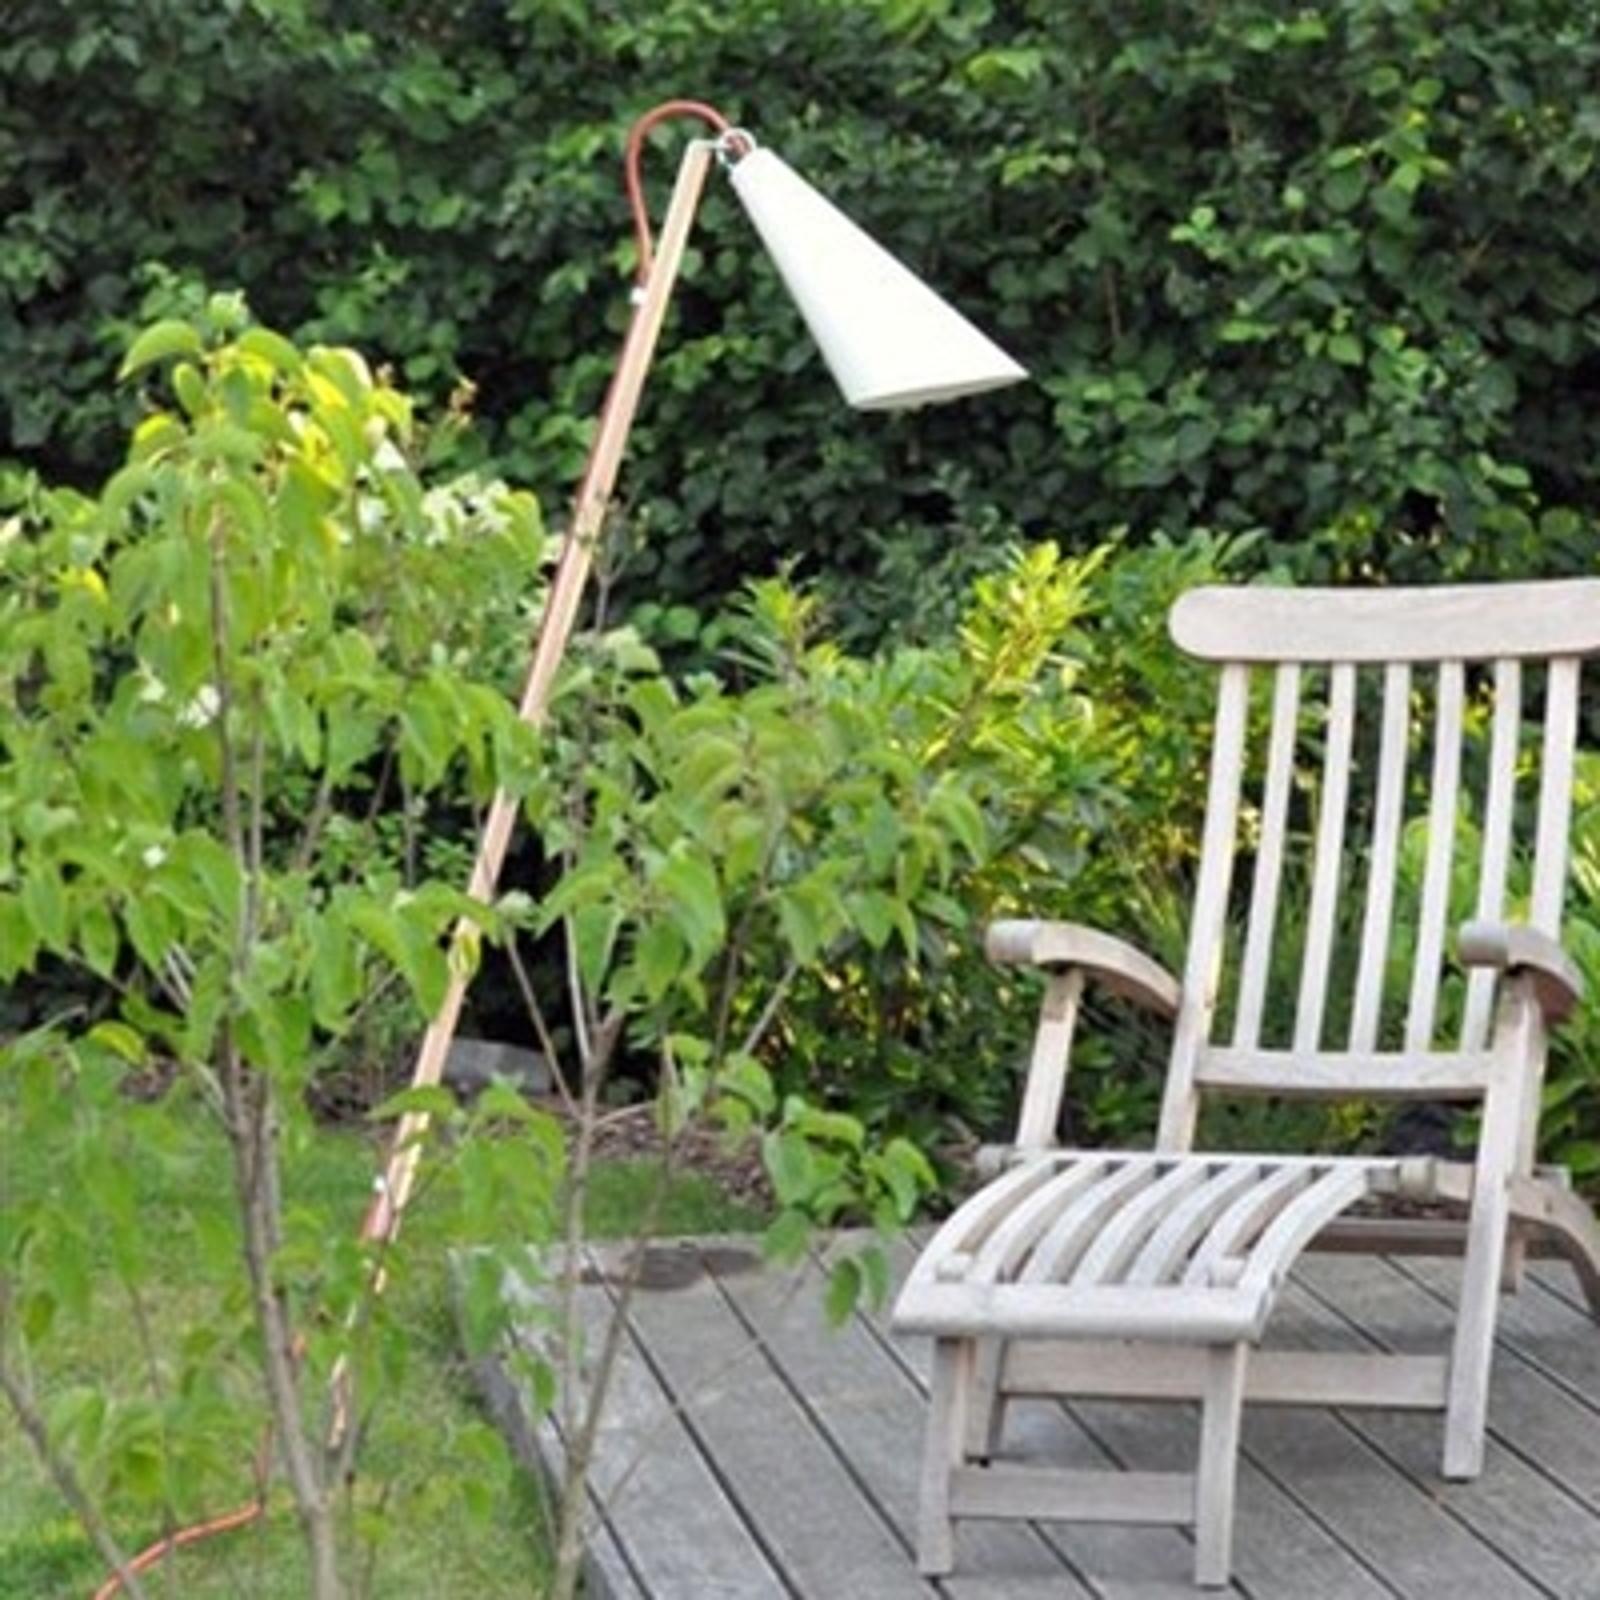 Sfeerlamp Pit Out voor buiten, wit